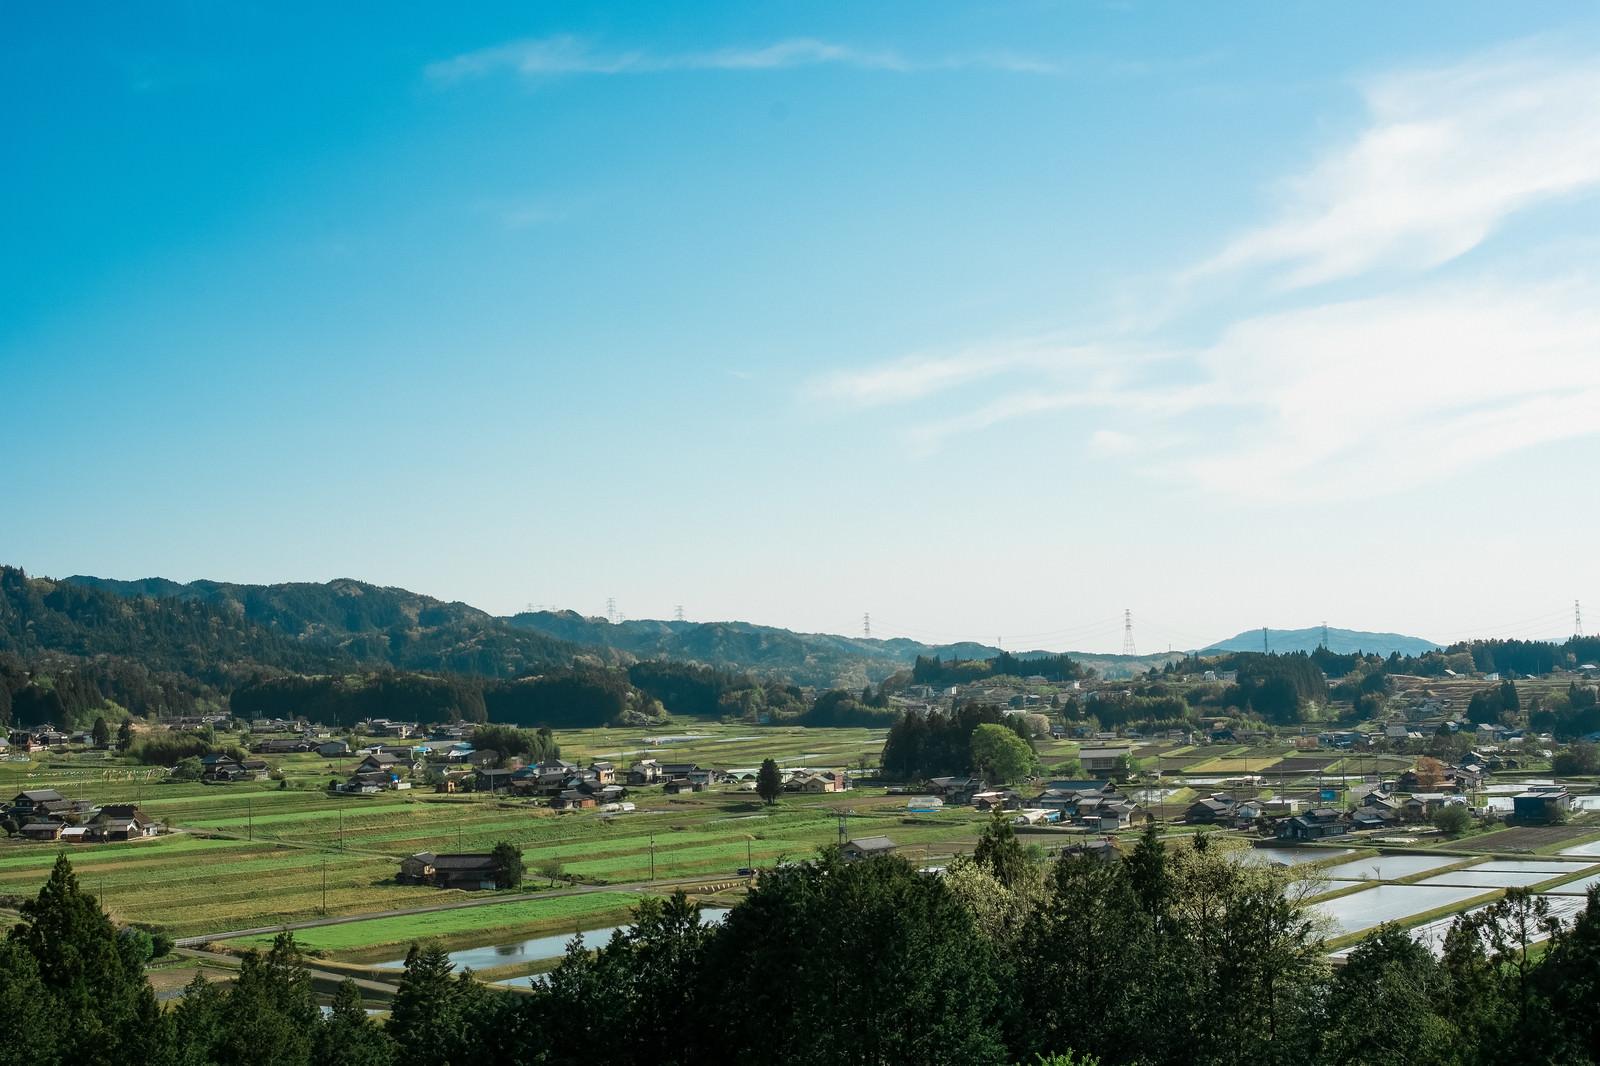 「農村景観の春(岐阜県恵那市岩村町富田地区)」の写真